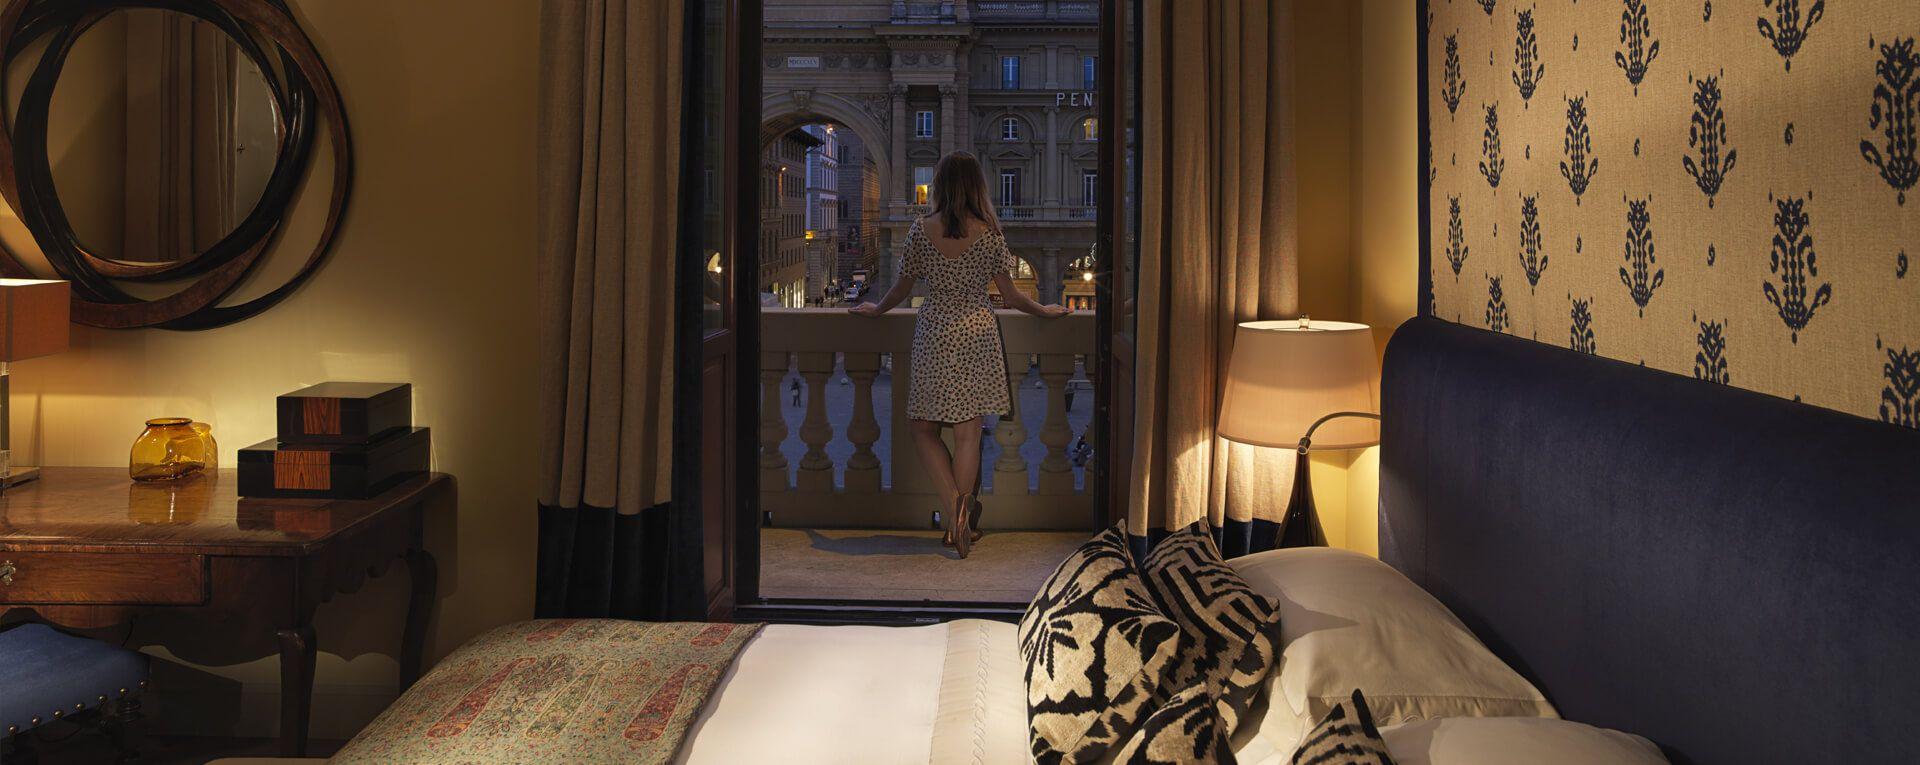 Hotel Savoy, a Rocco Forte Hotel